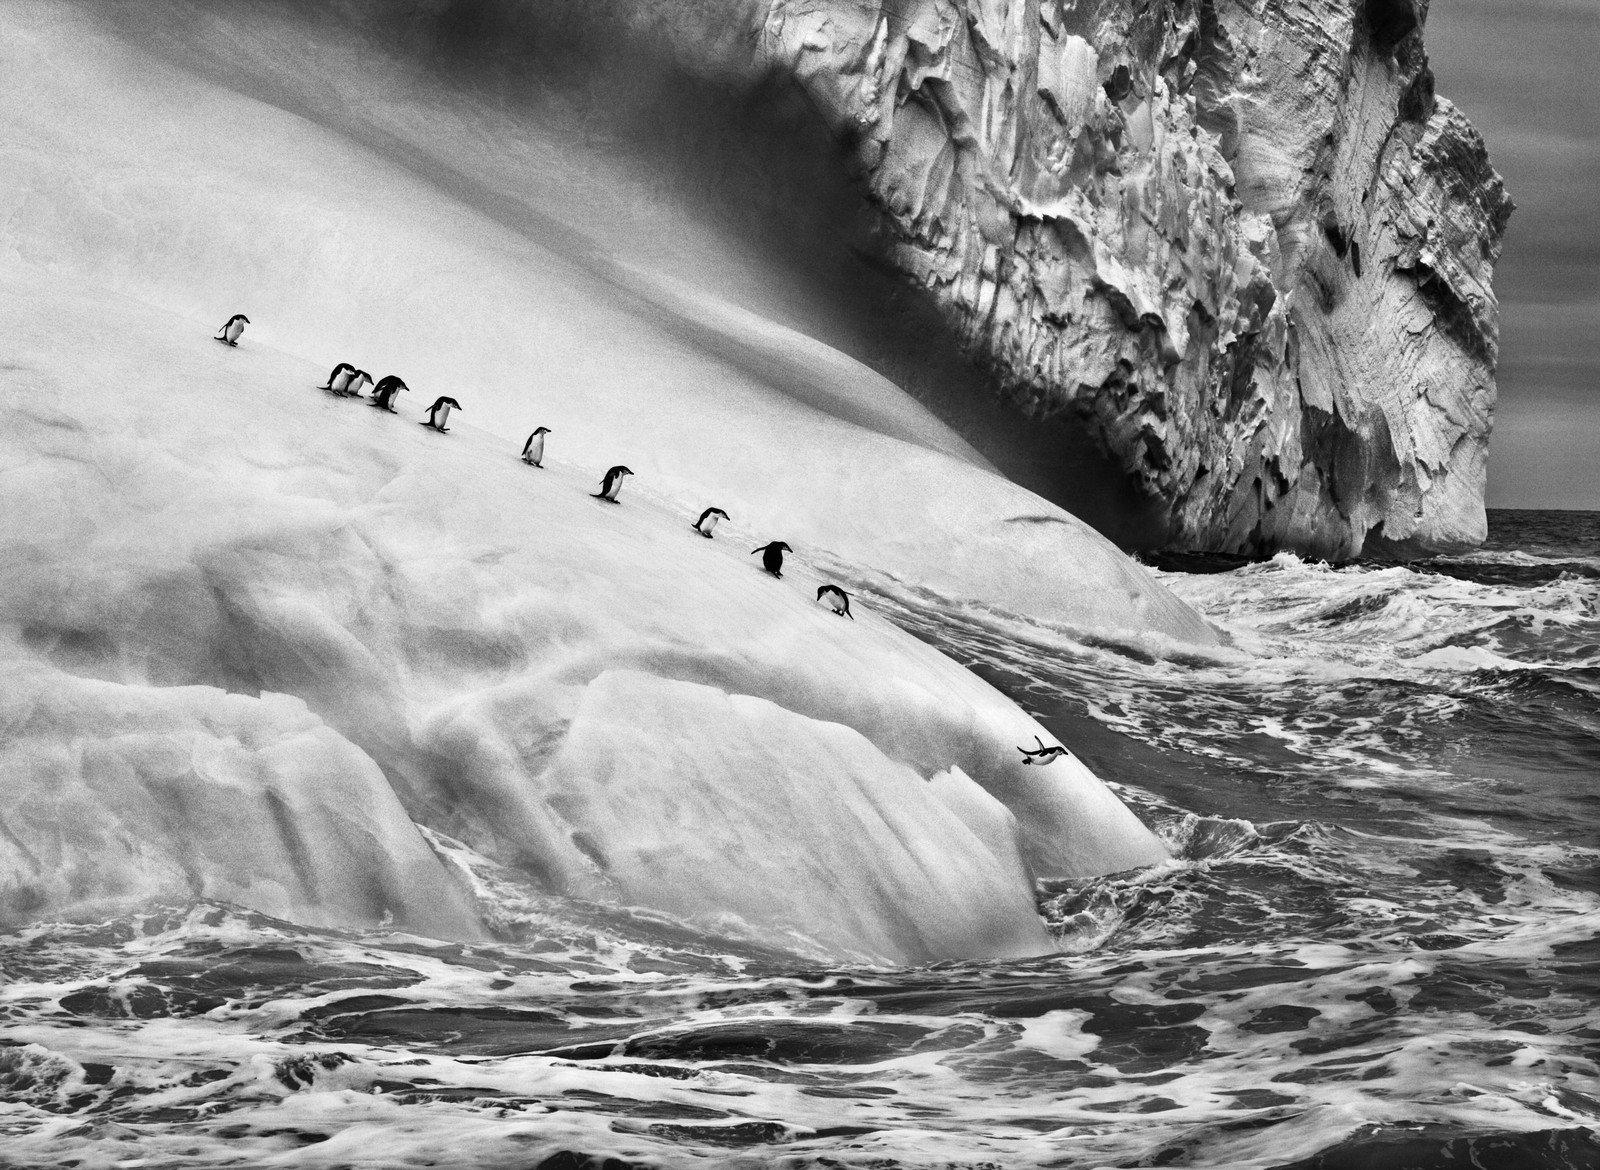 Pinguini sottogola su un iceberg tra le isole Zavodovski e Visokoi, Isole Sandwich meridionali, 2009 di Sebastião Salgado